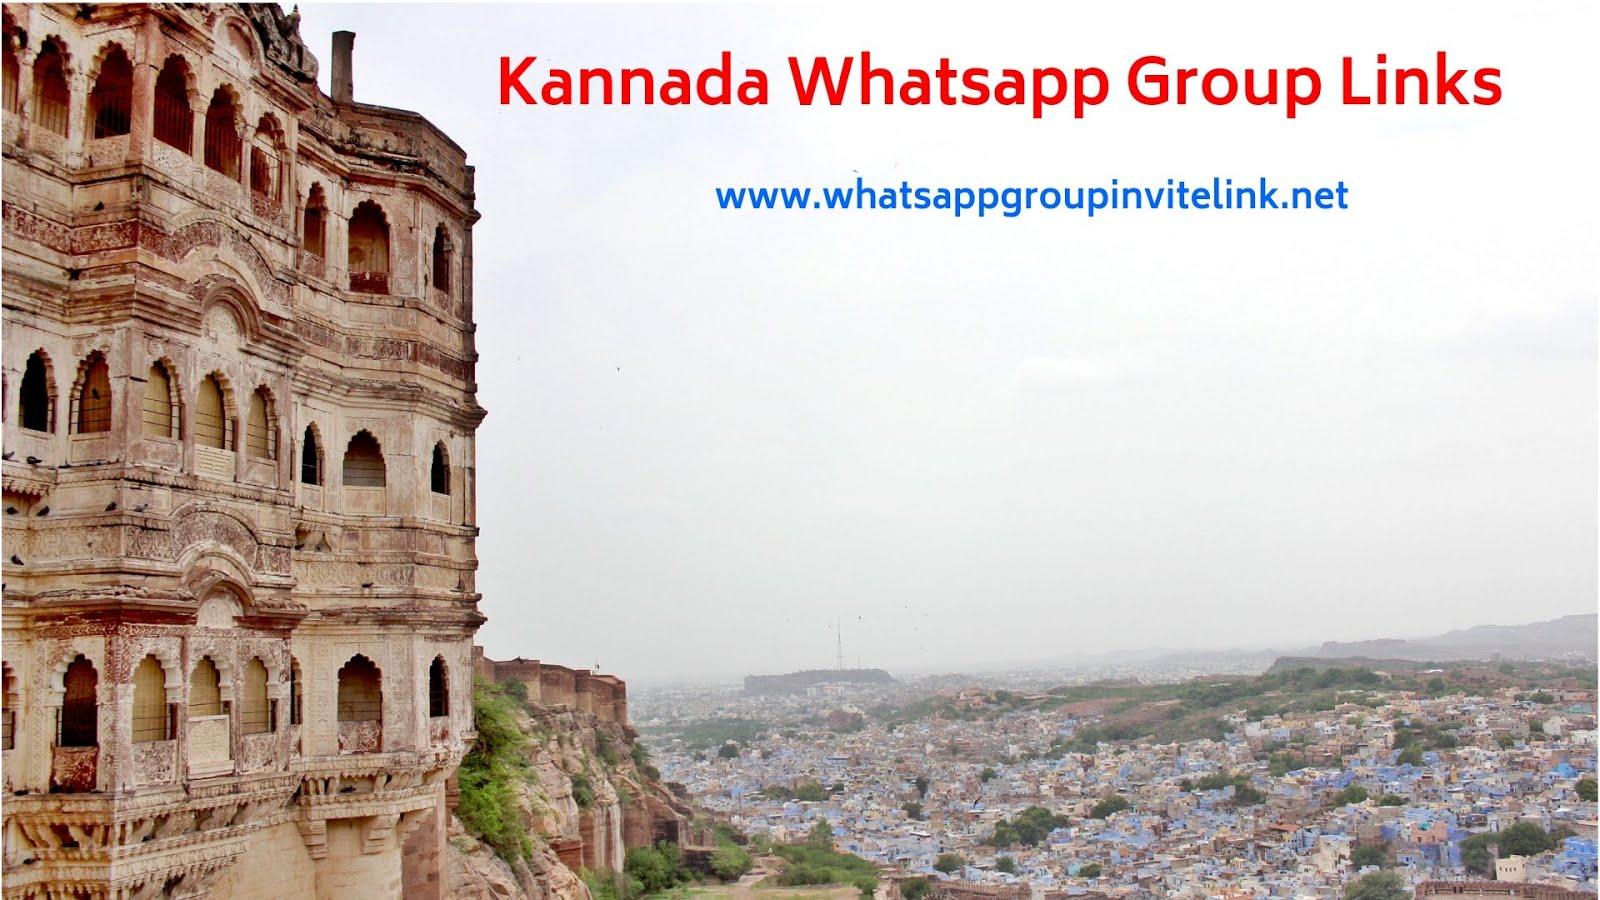 Whatsapp Group Invite Links: Kannada Whatsapp Group Links